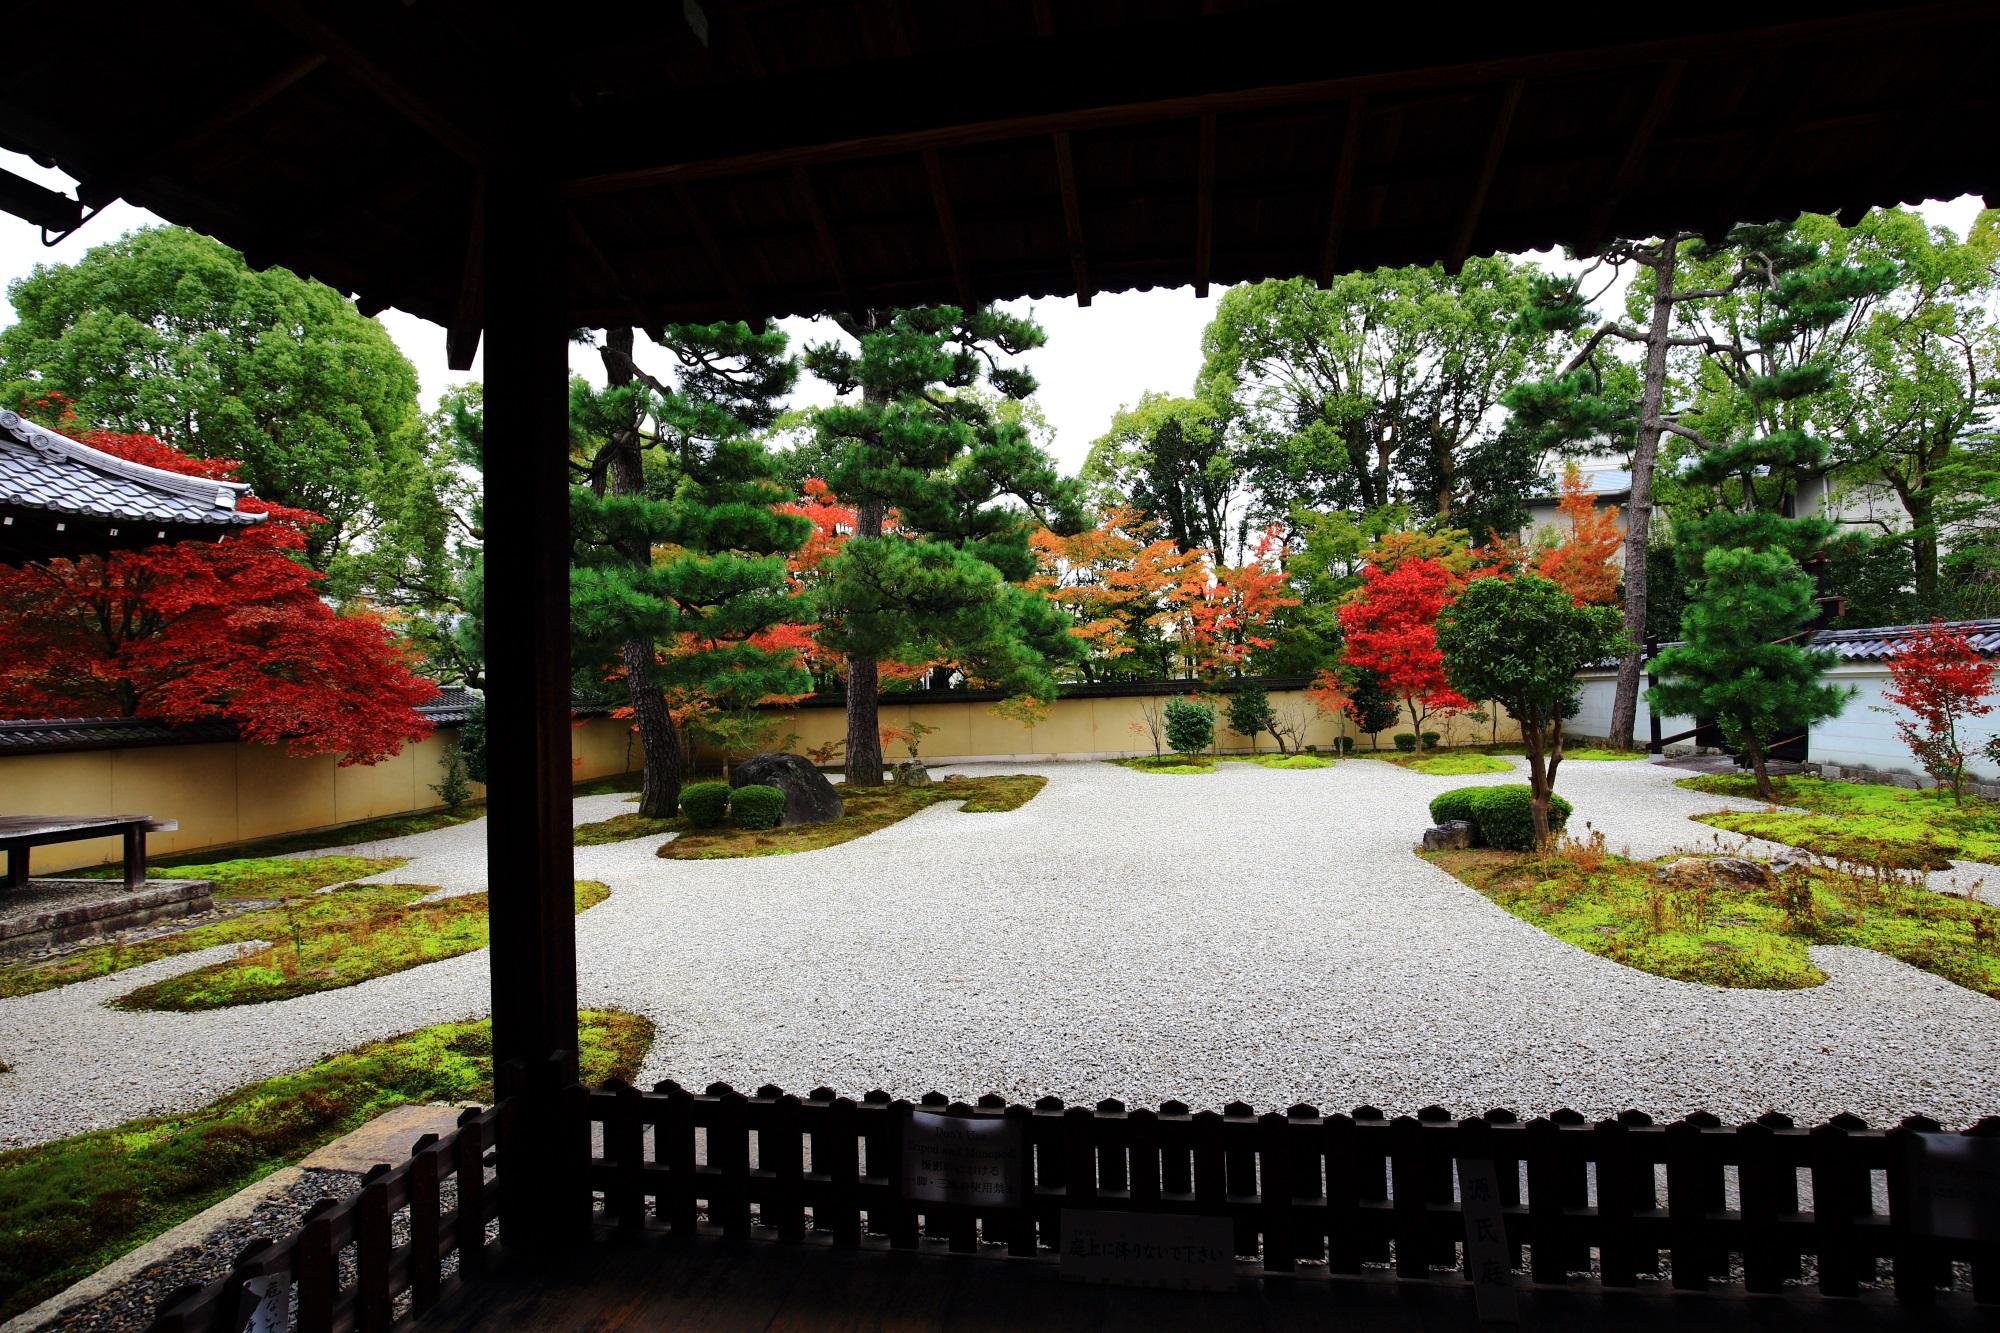 紅葉の穴場の廬山寺の源氏庭の紅葉